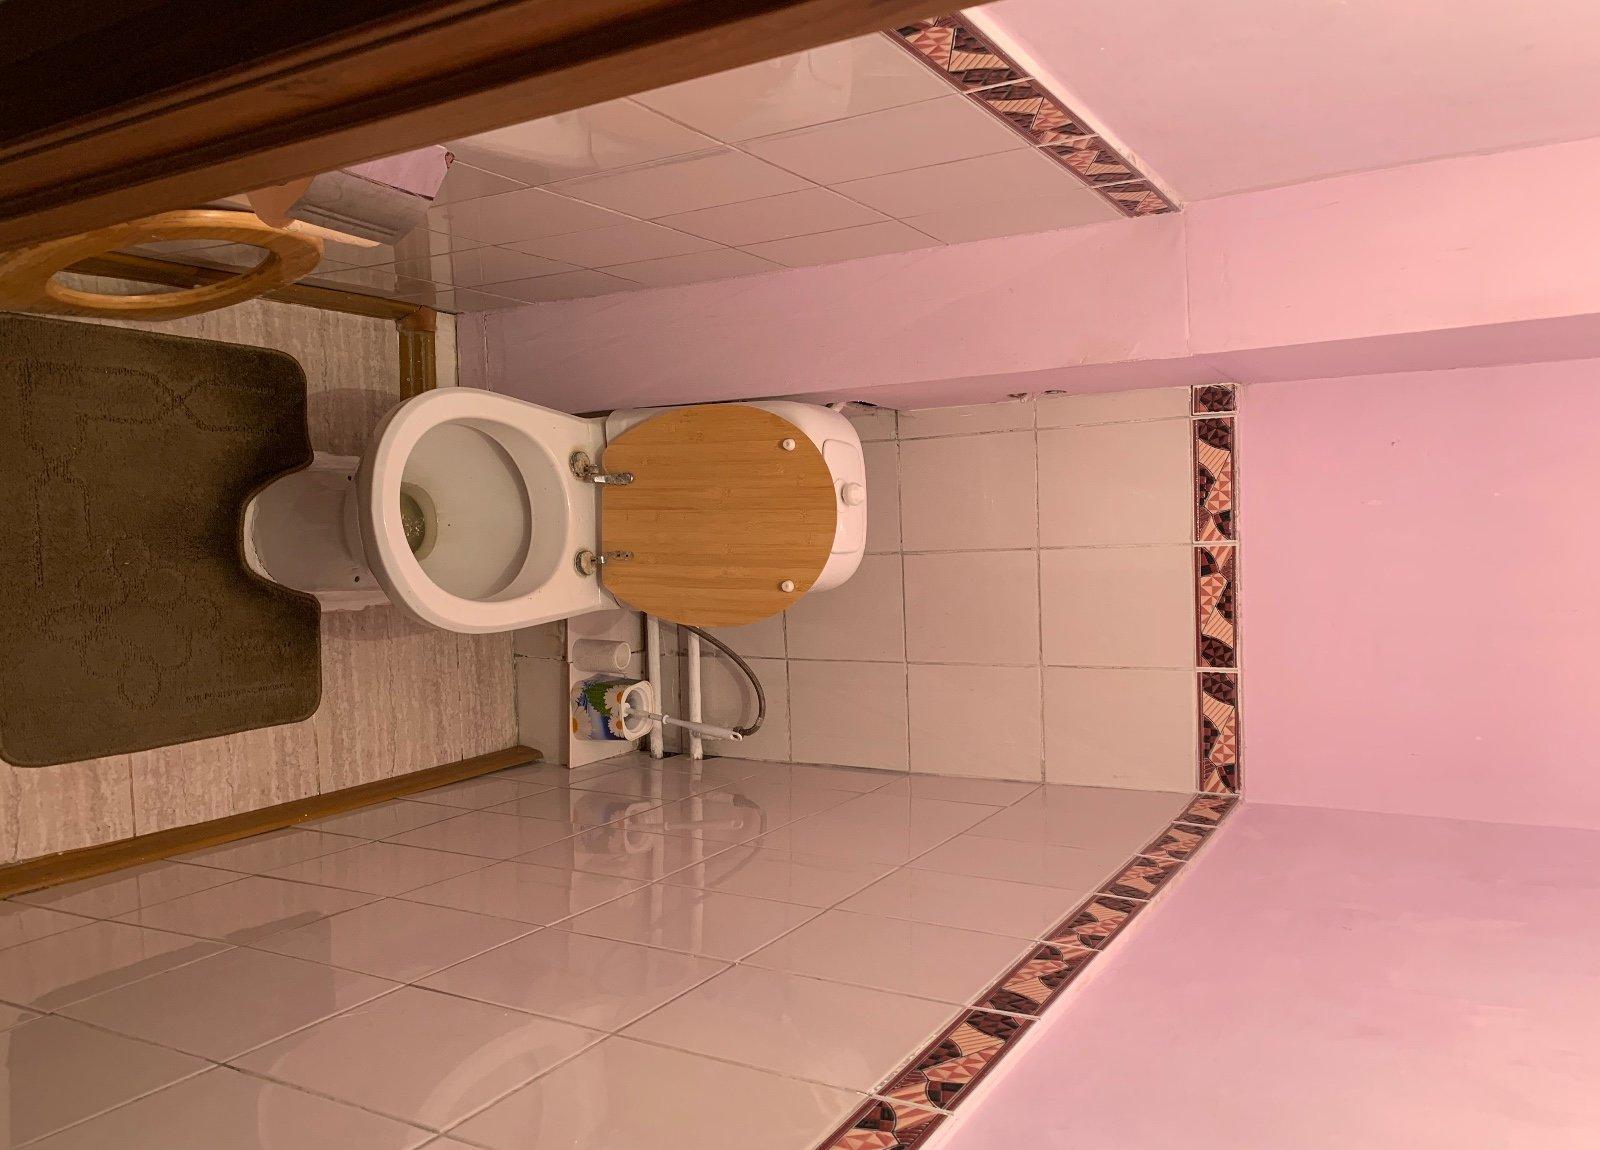 2к квартира ул Ады Лебедевой, д 66   24500   аренда в Красноярске фото 1